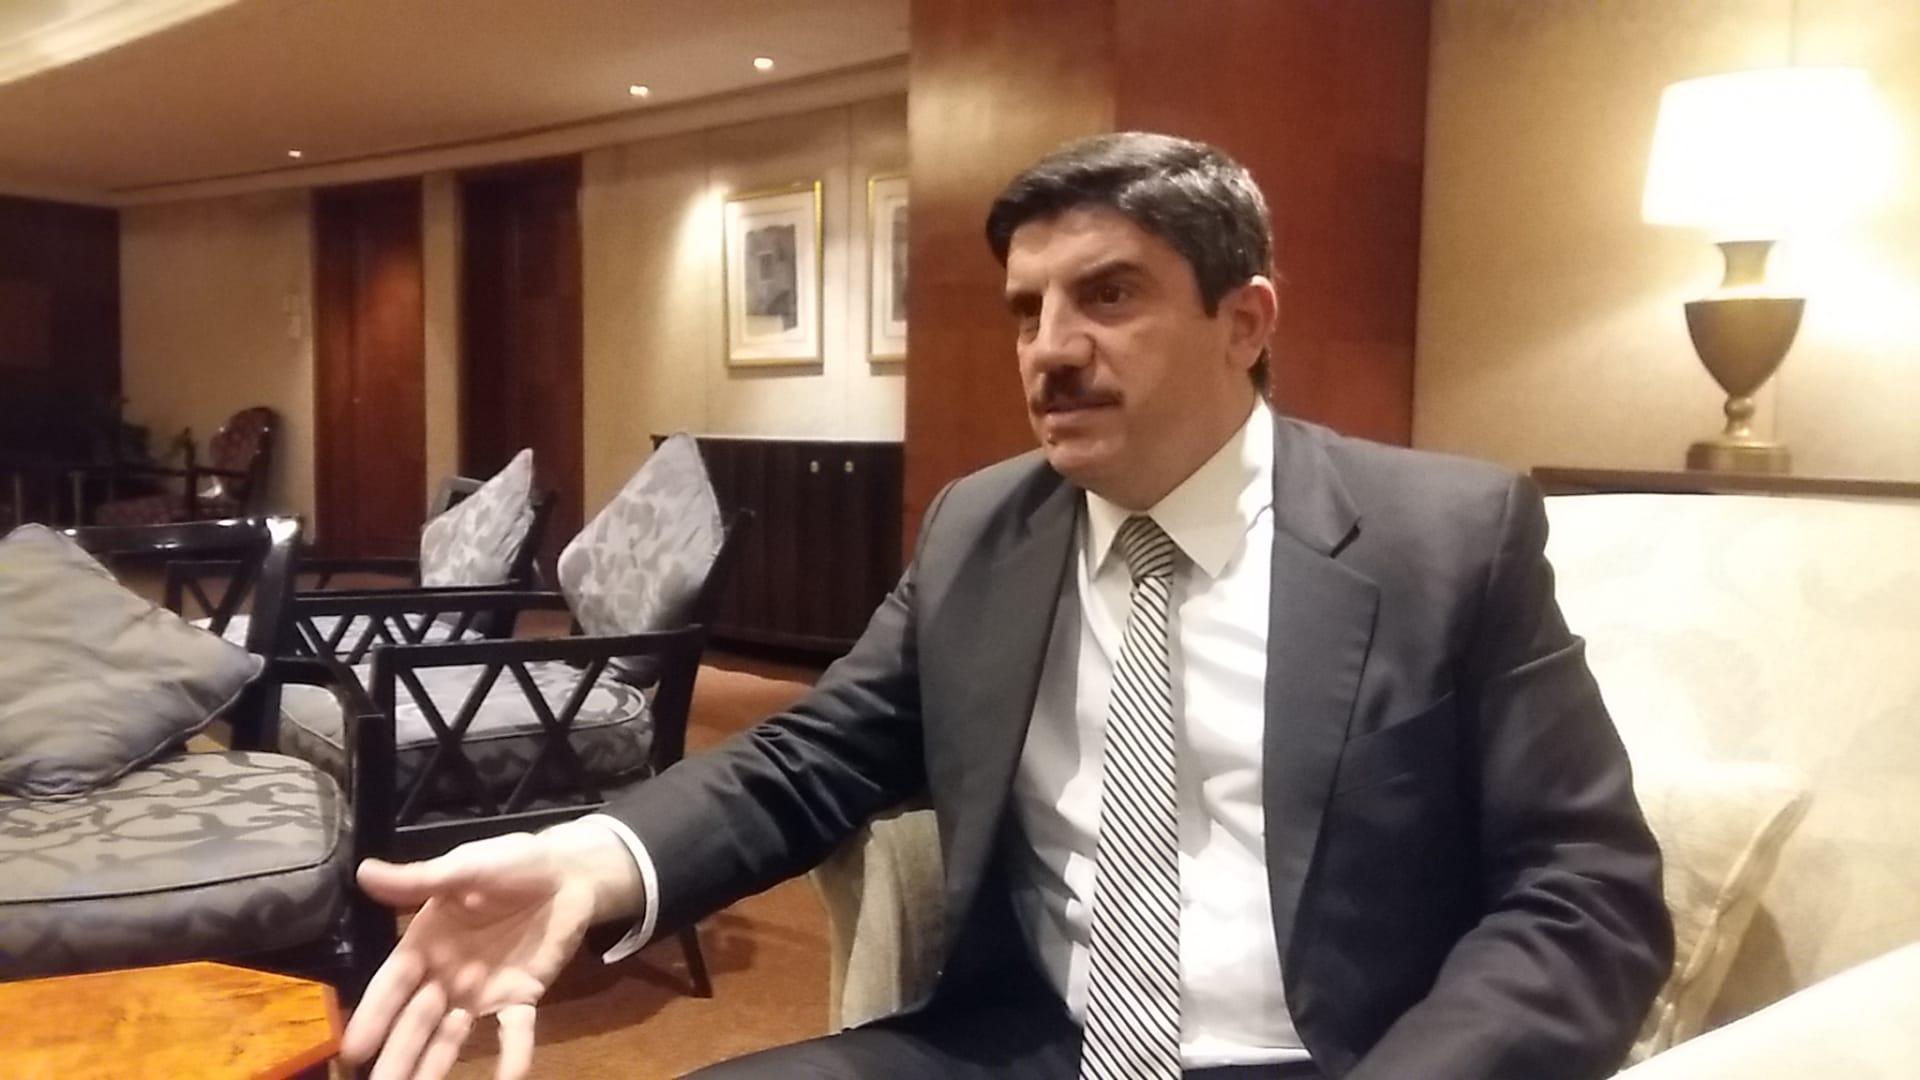 نائب أمين عام العدالة والتنمية التركي:العالم يتجاهل قتال حزب الله وإيران مع الأسد.. وكنا نأمل بضغط سعودي على السيسي